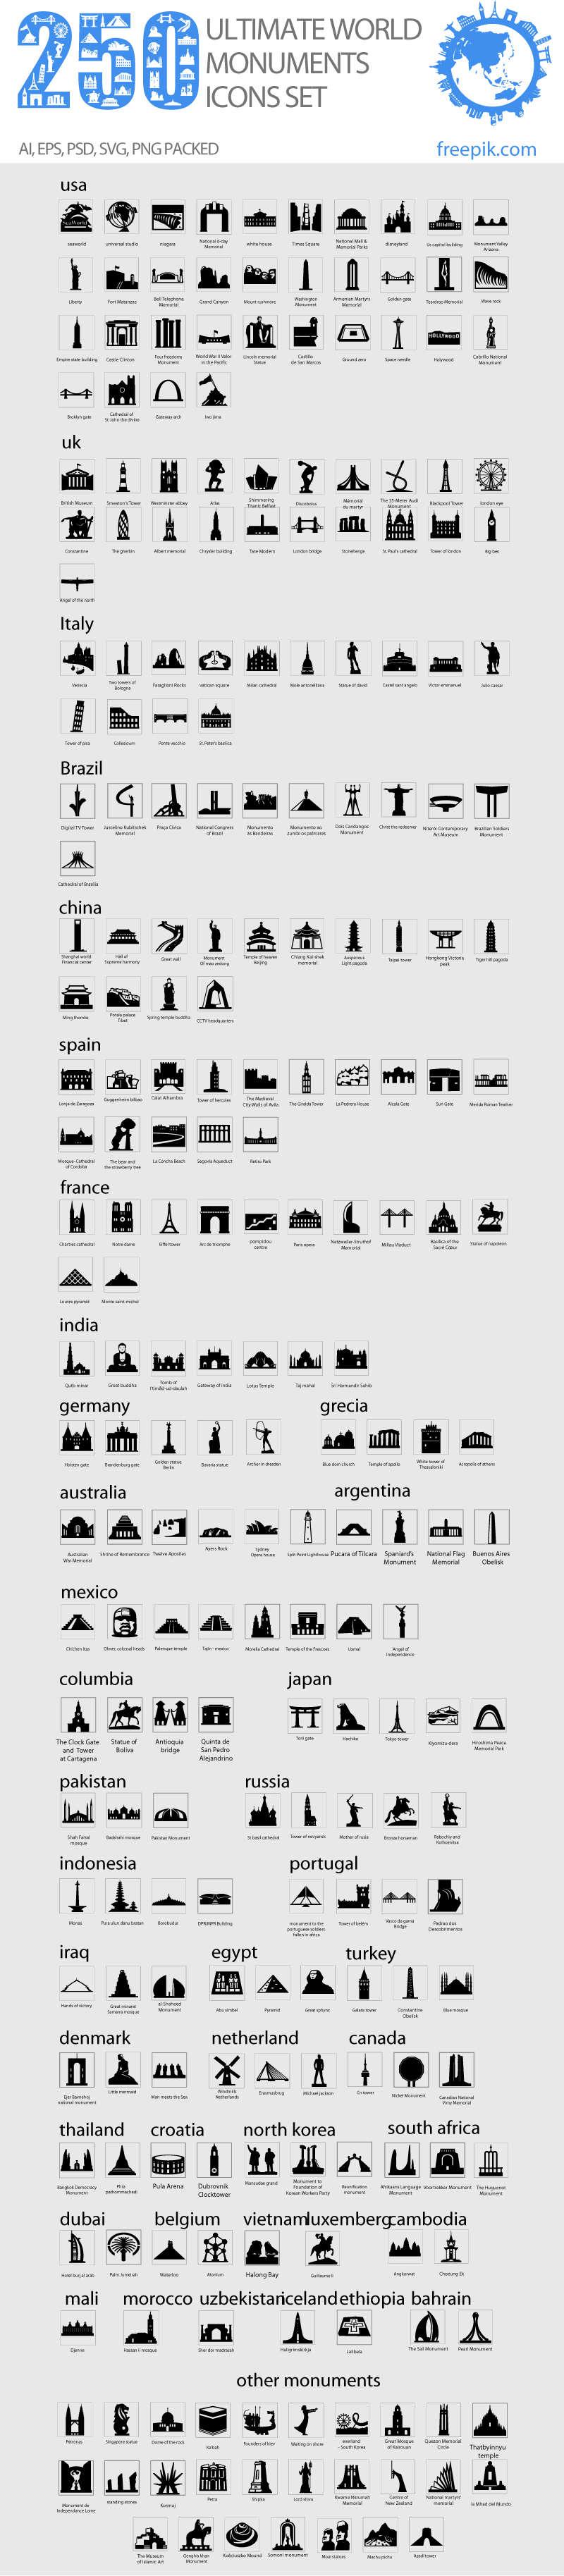 250个世界文明古迹建筑图标素材